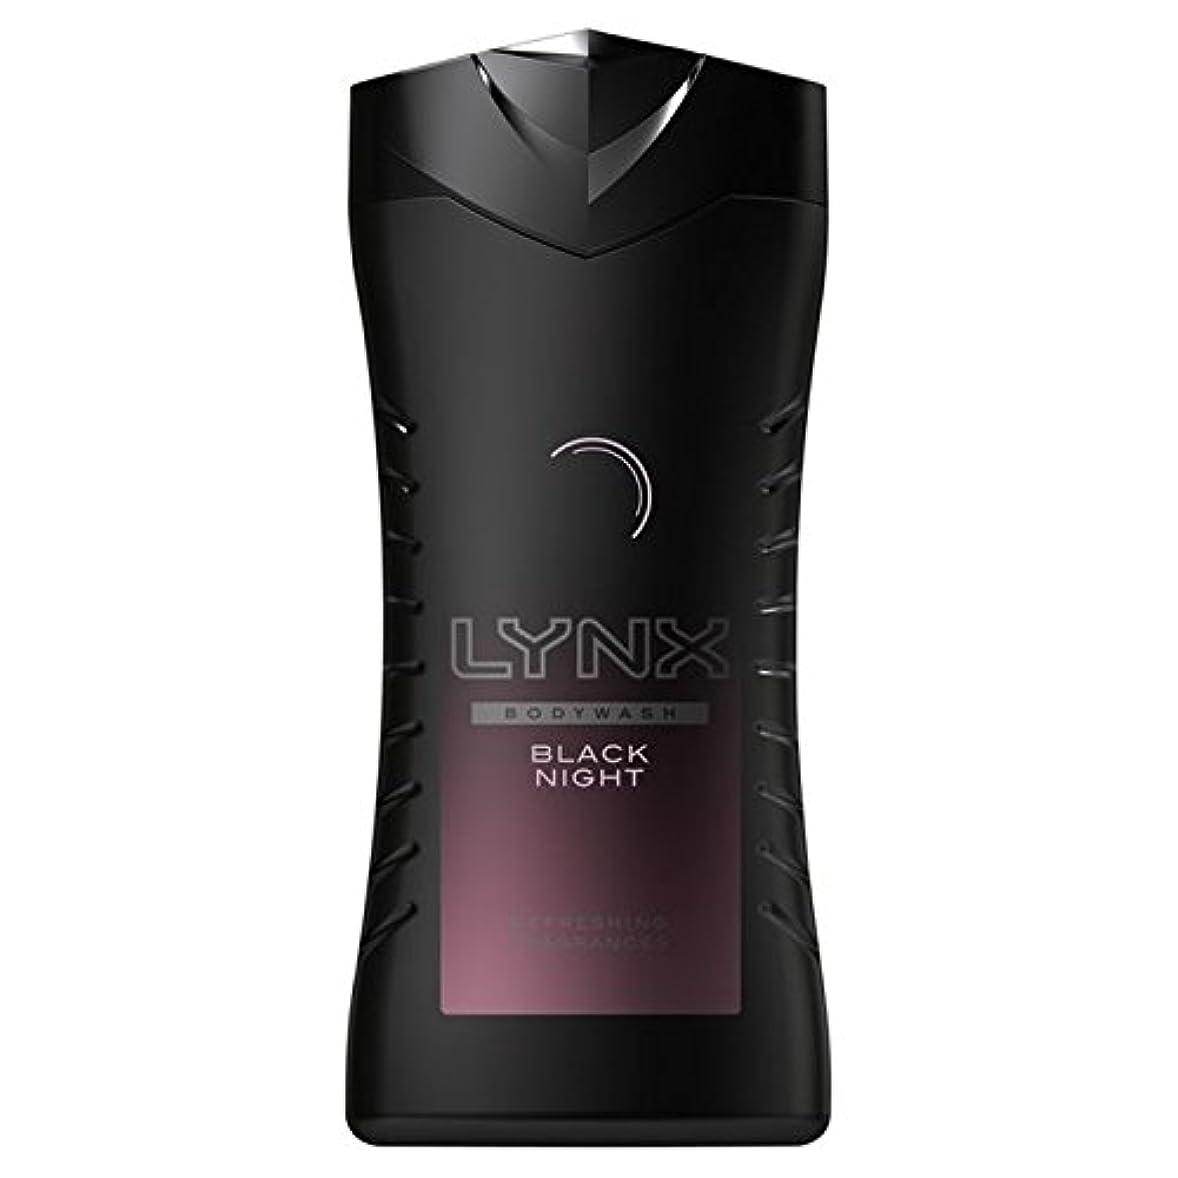 色深く平衡オオヤマネコ黒夜シャワージェル250ミリリットル x4 - Lynx Black Night Shower Gel 250ml (Pack of 4) [並行輸入品]